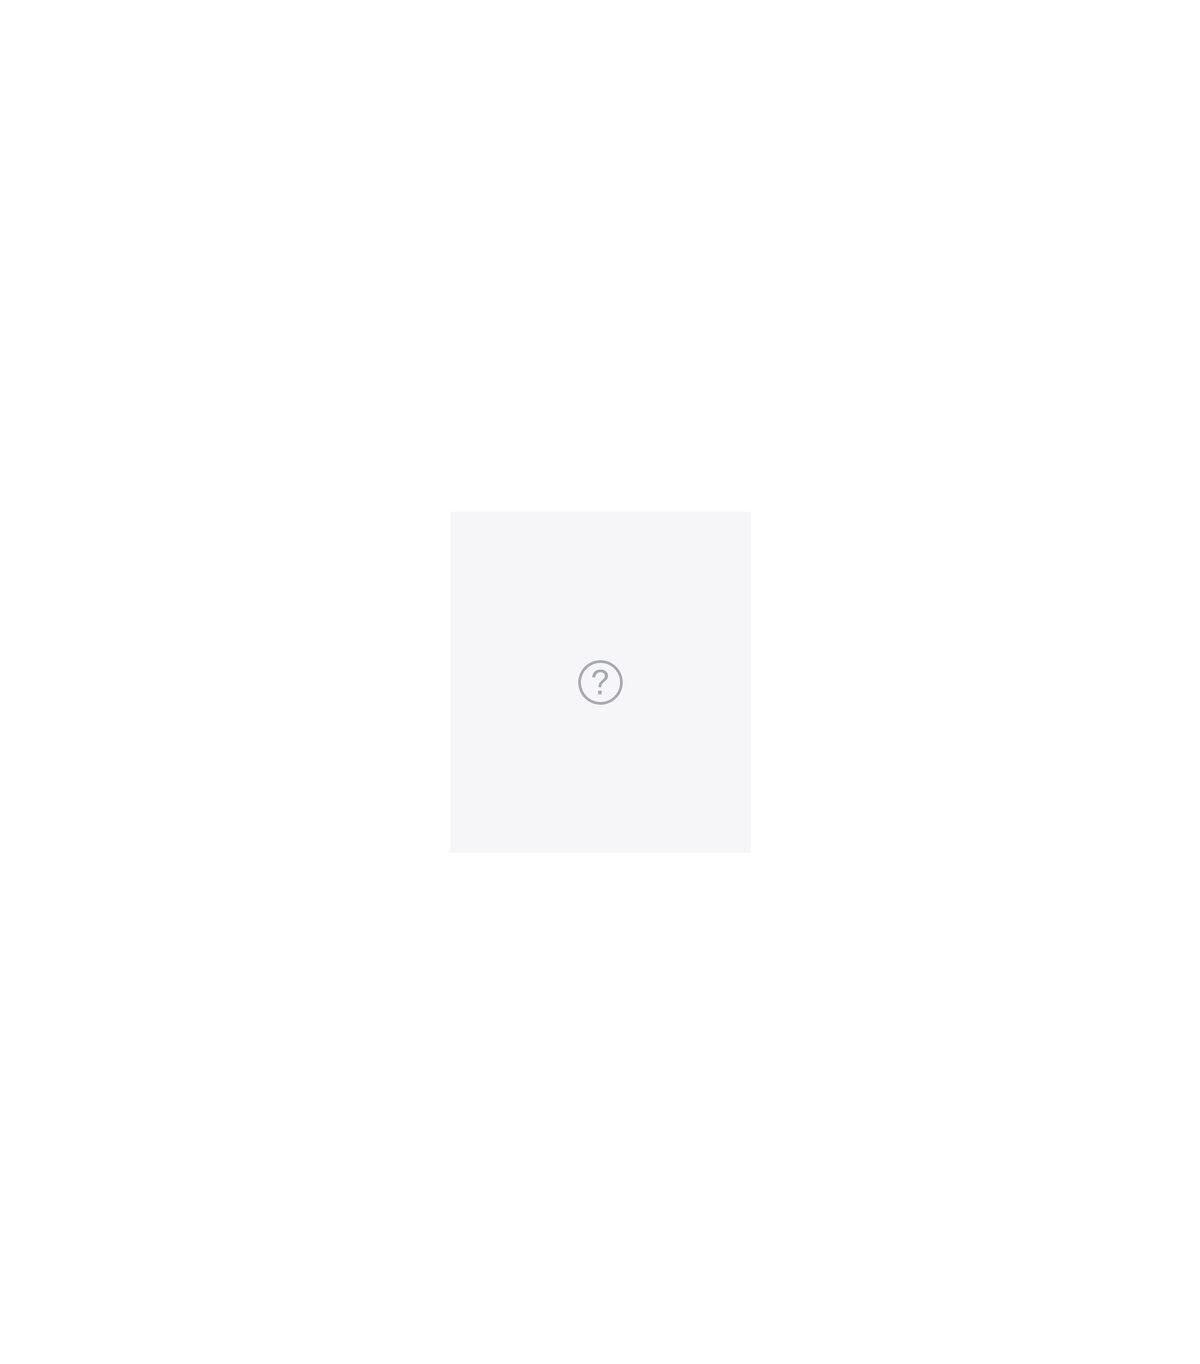 حلق دائري بشعار توري بيرش | 652 | حلق دبوس